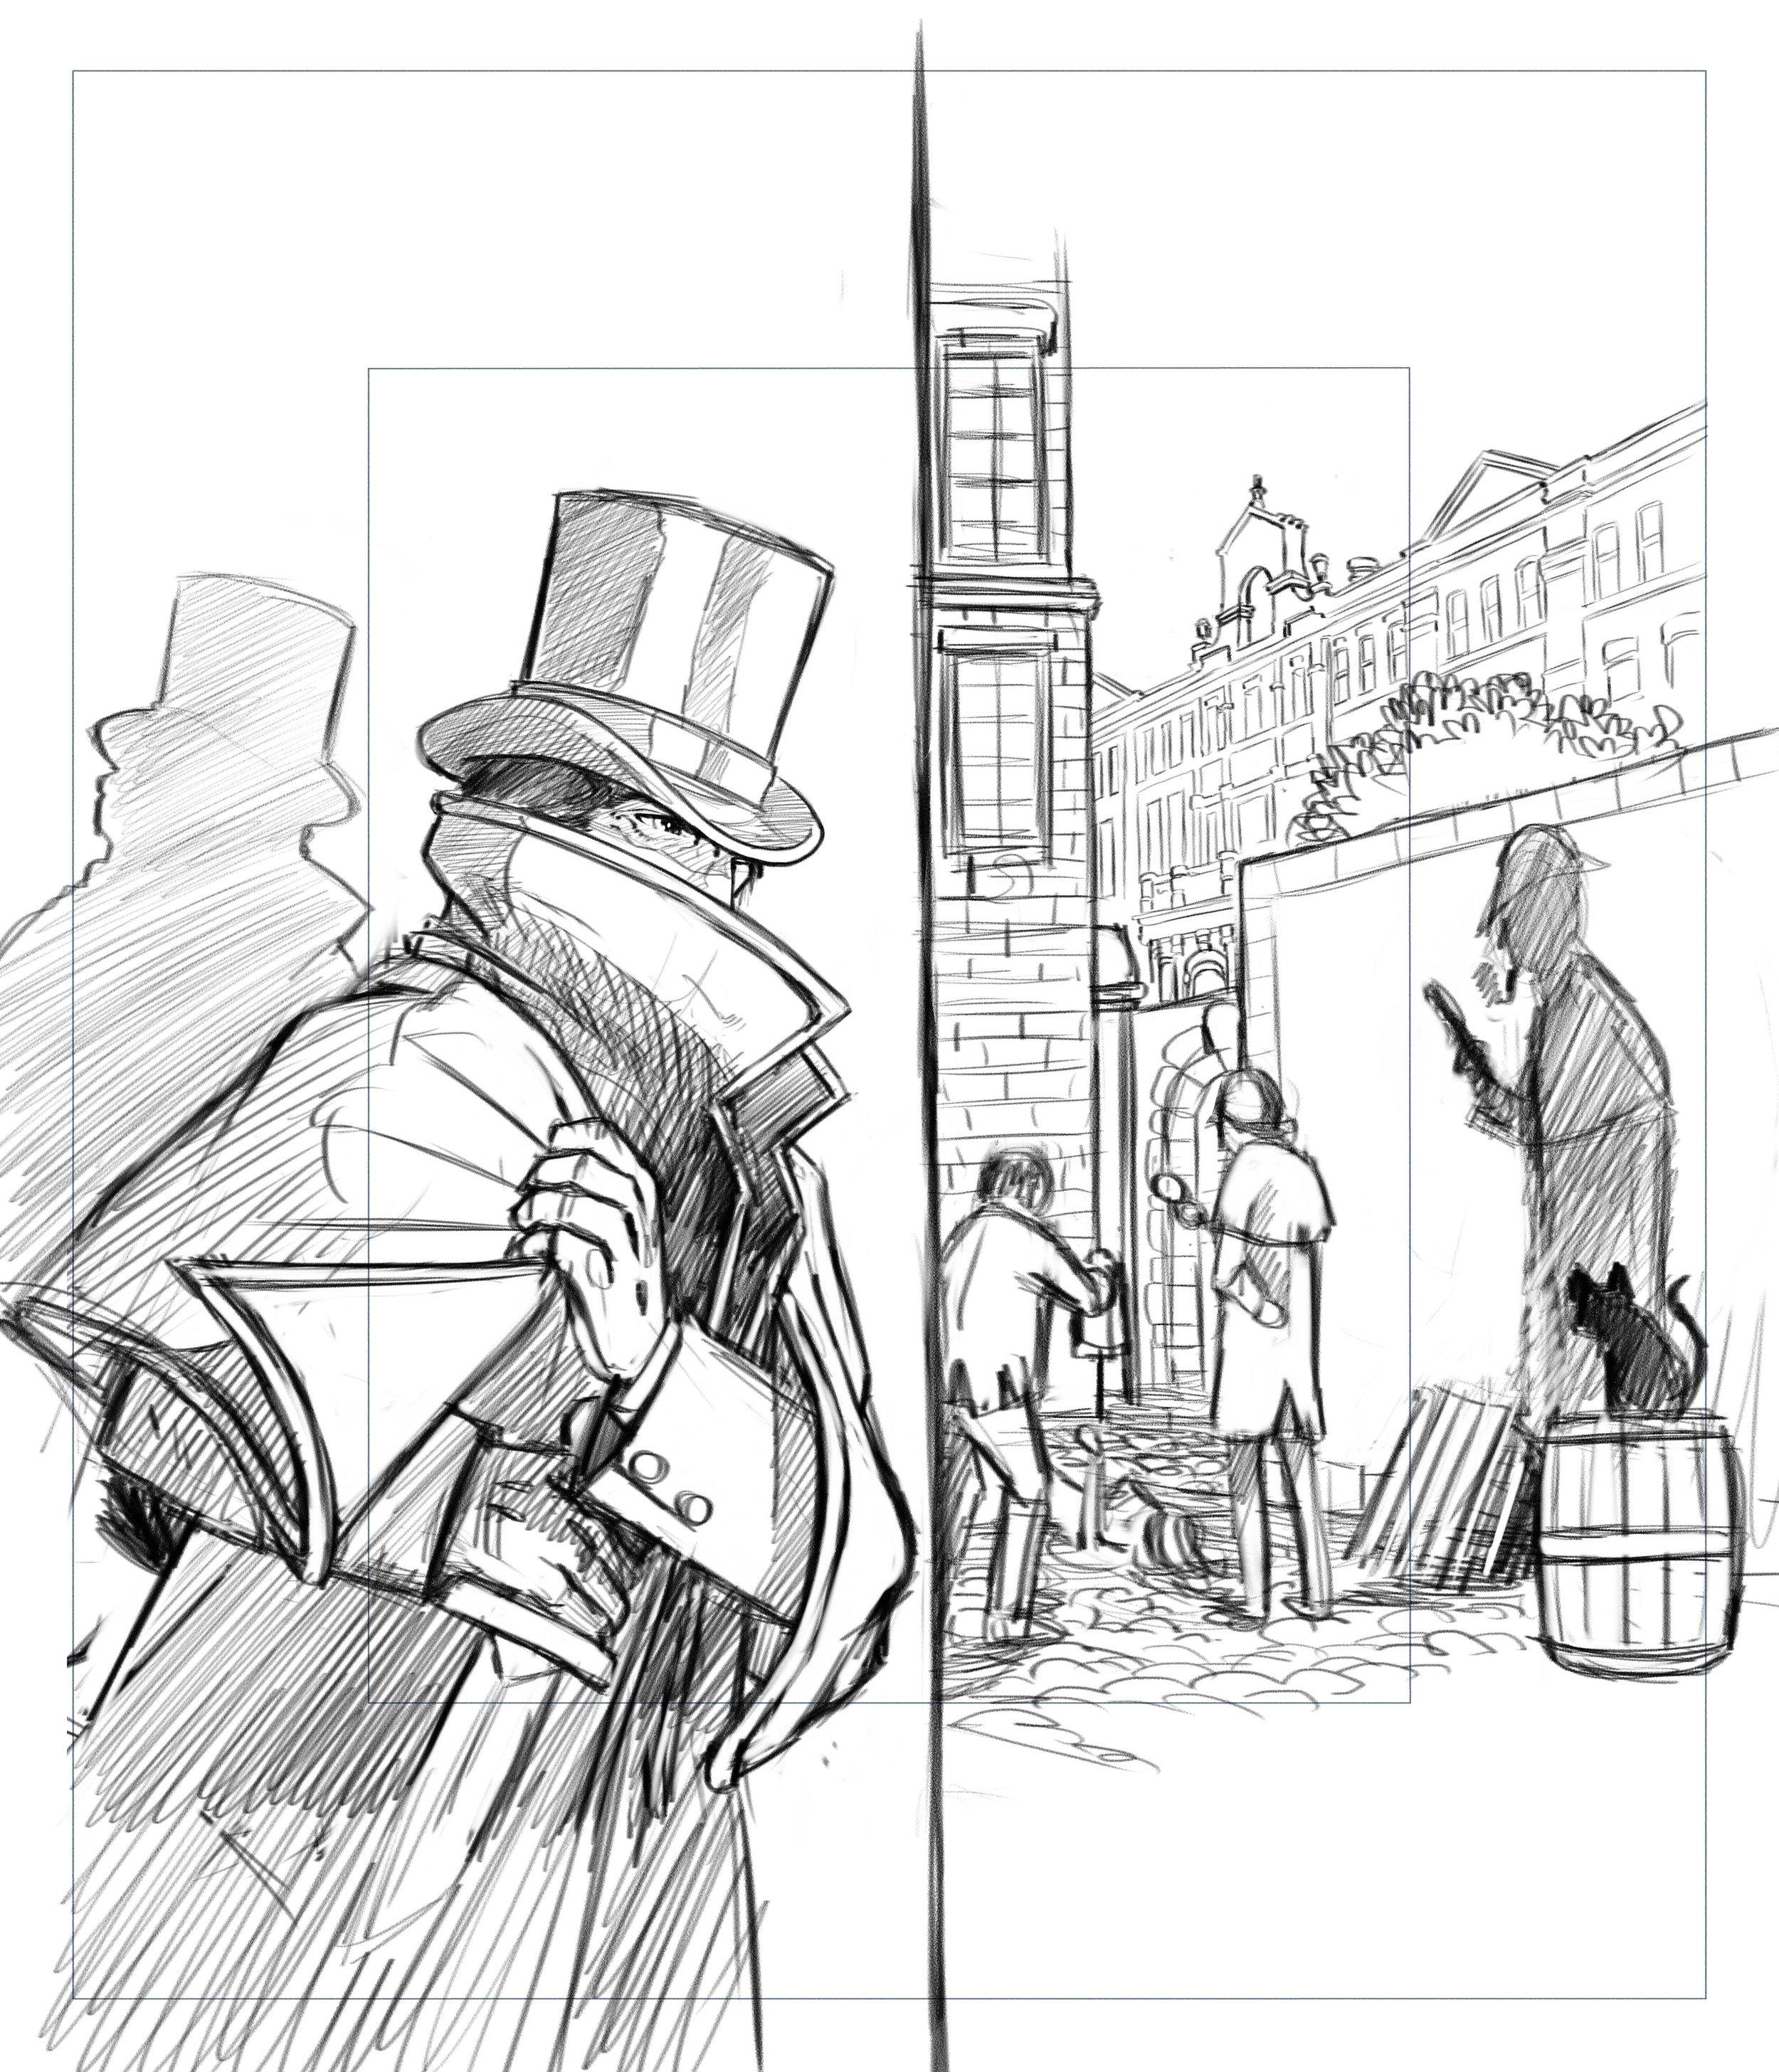 Mr Jack early illustration